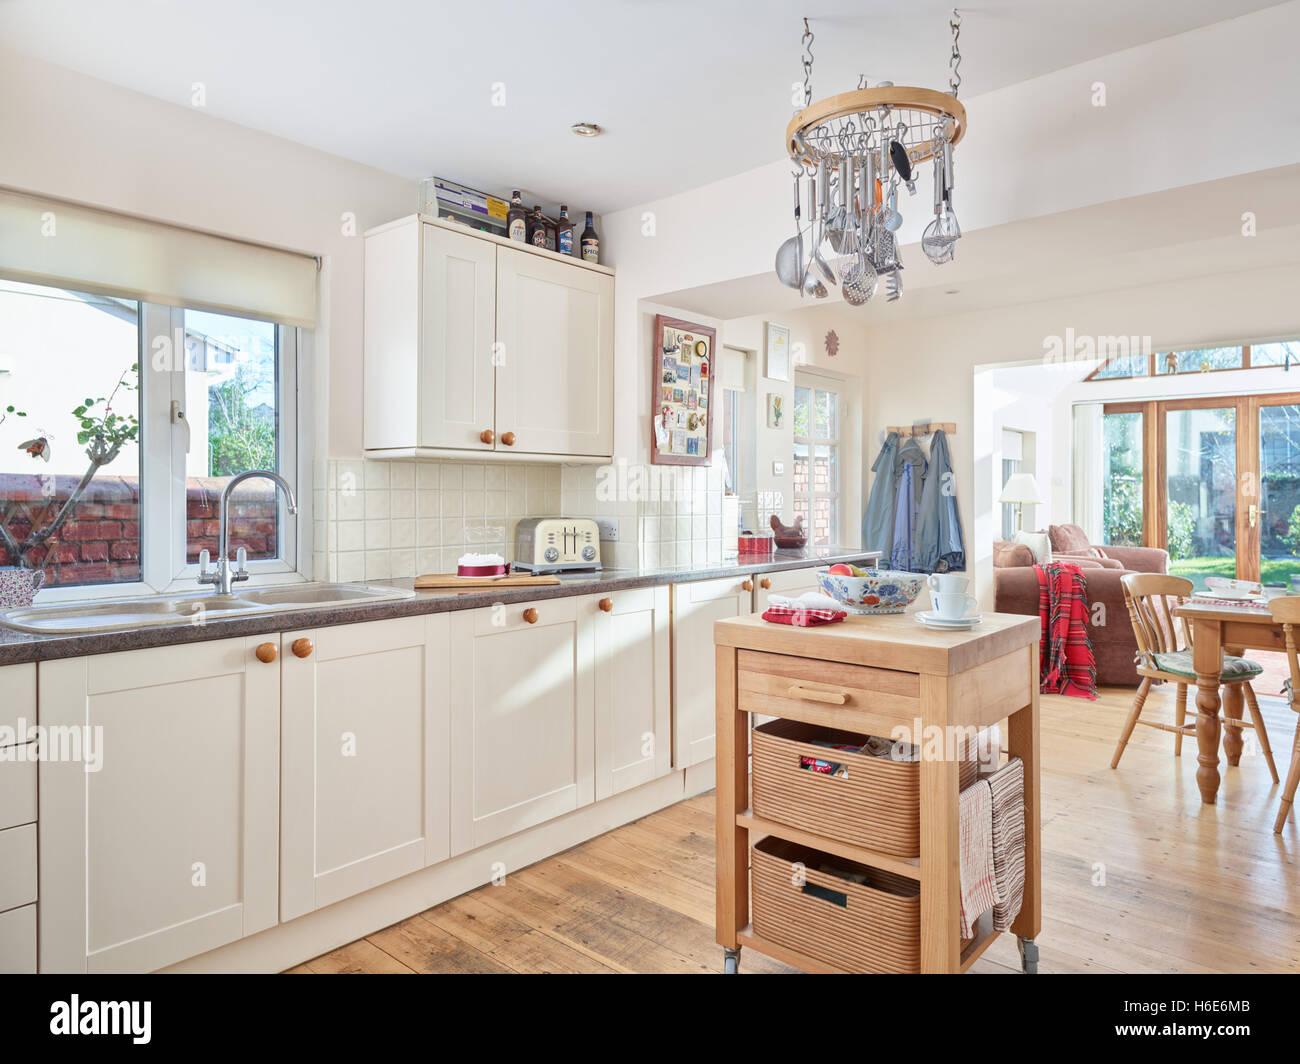 Eine moderne, frische Küche mit integriertem Backofen, Herd, Haube ...